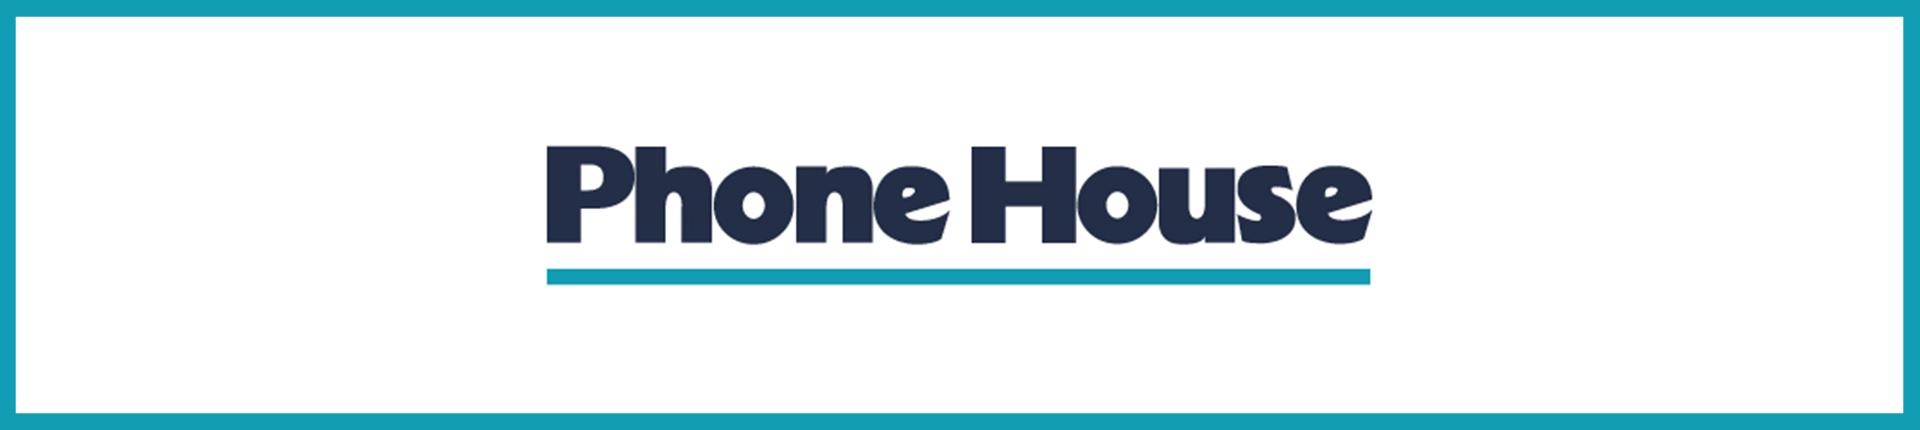 Phone House códigos descuento